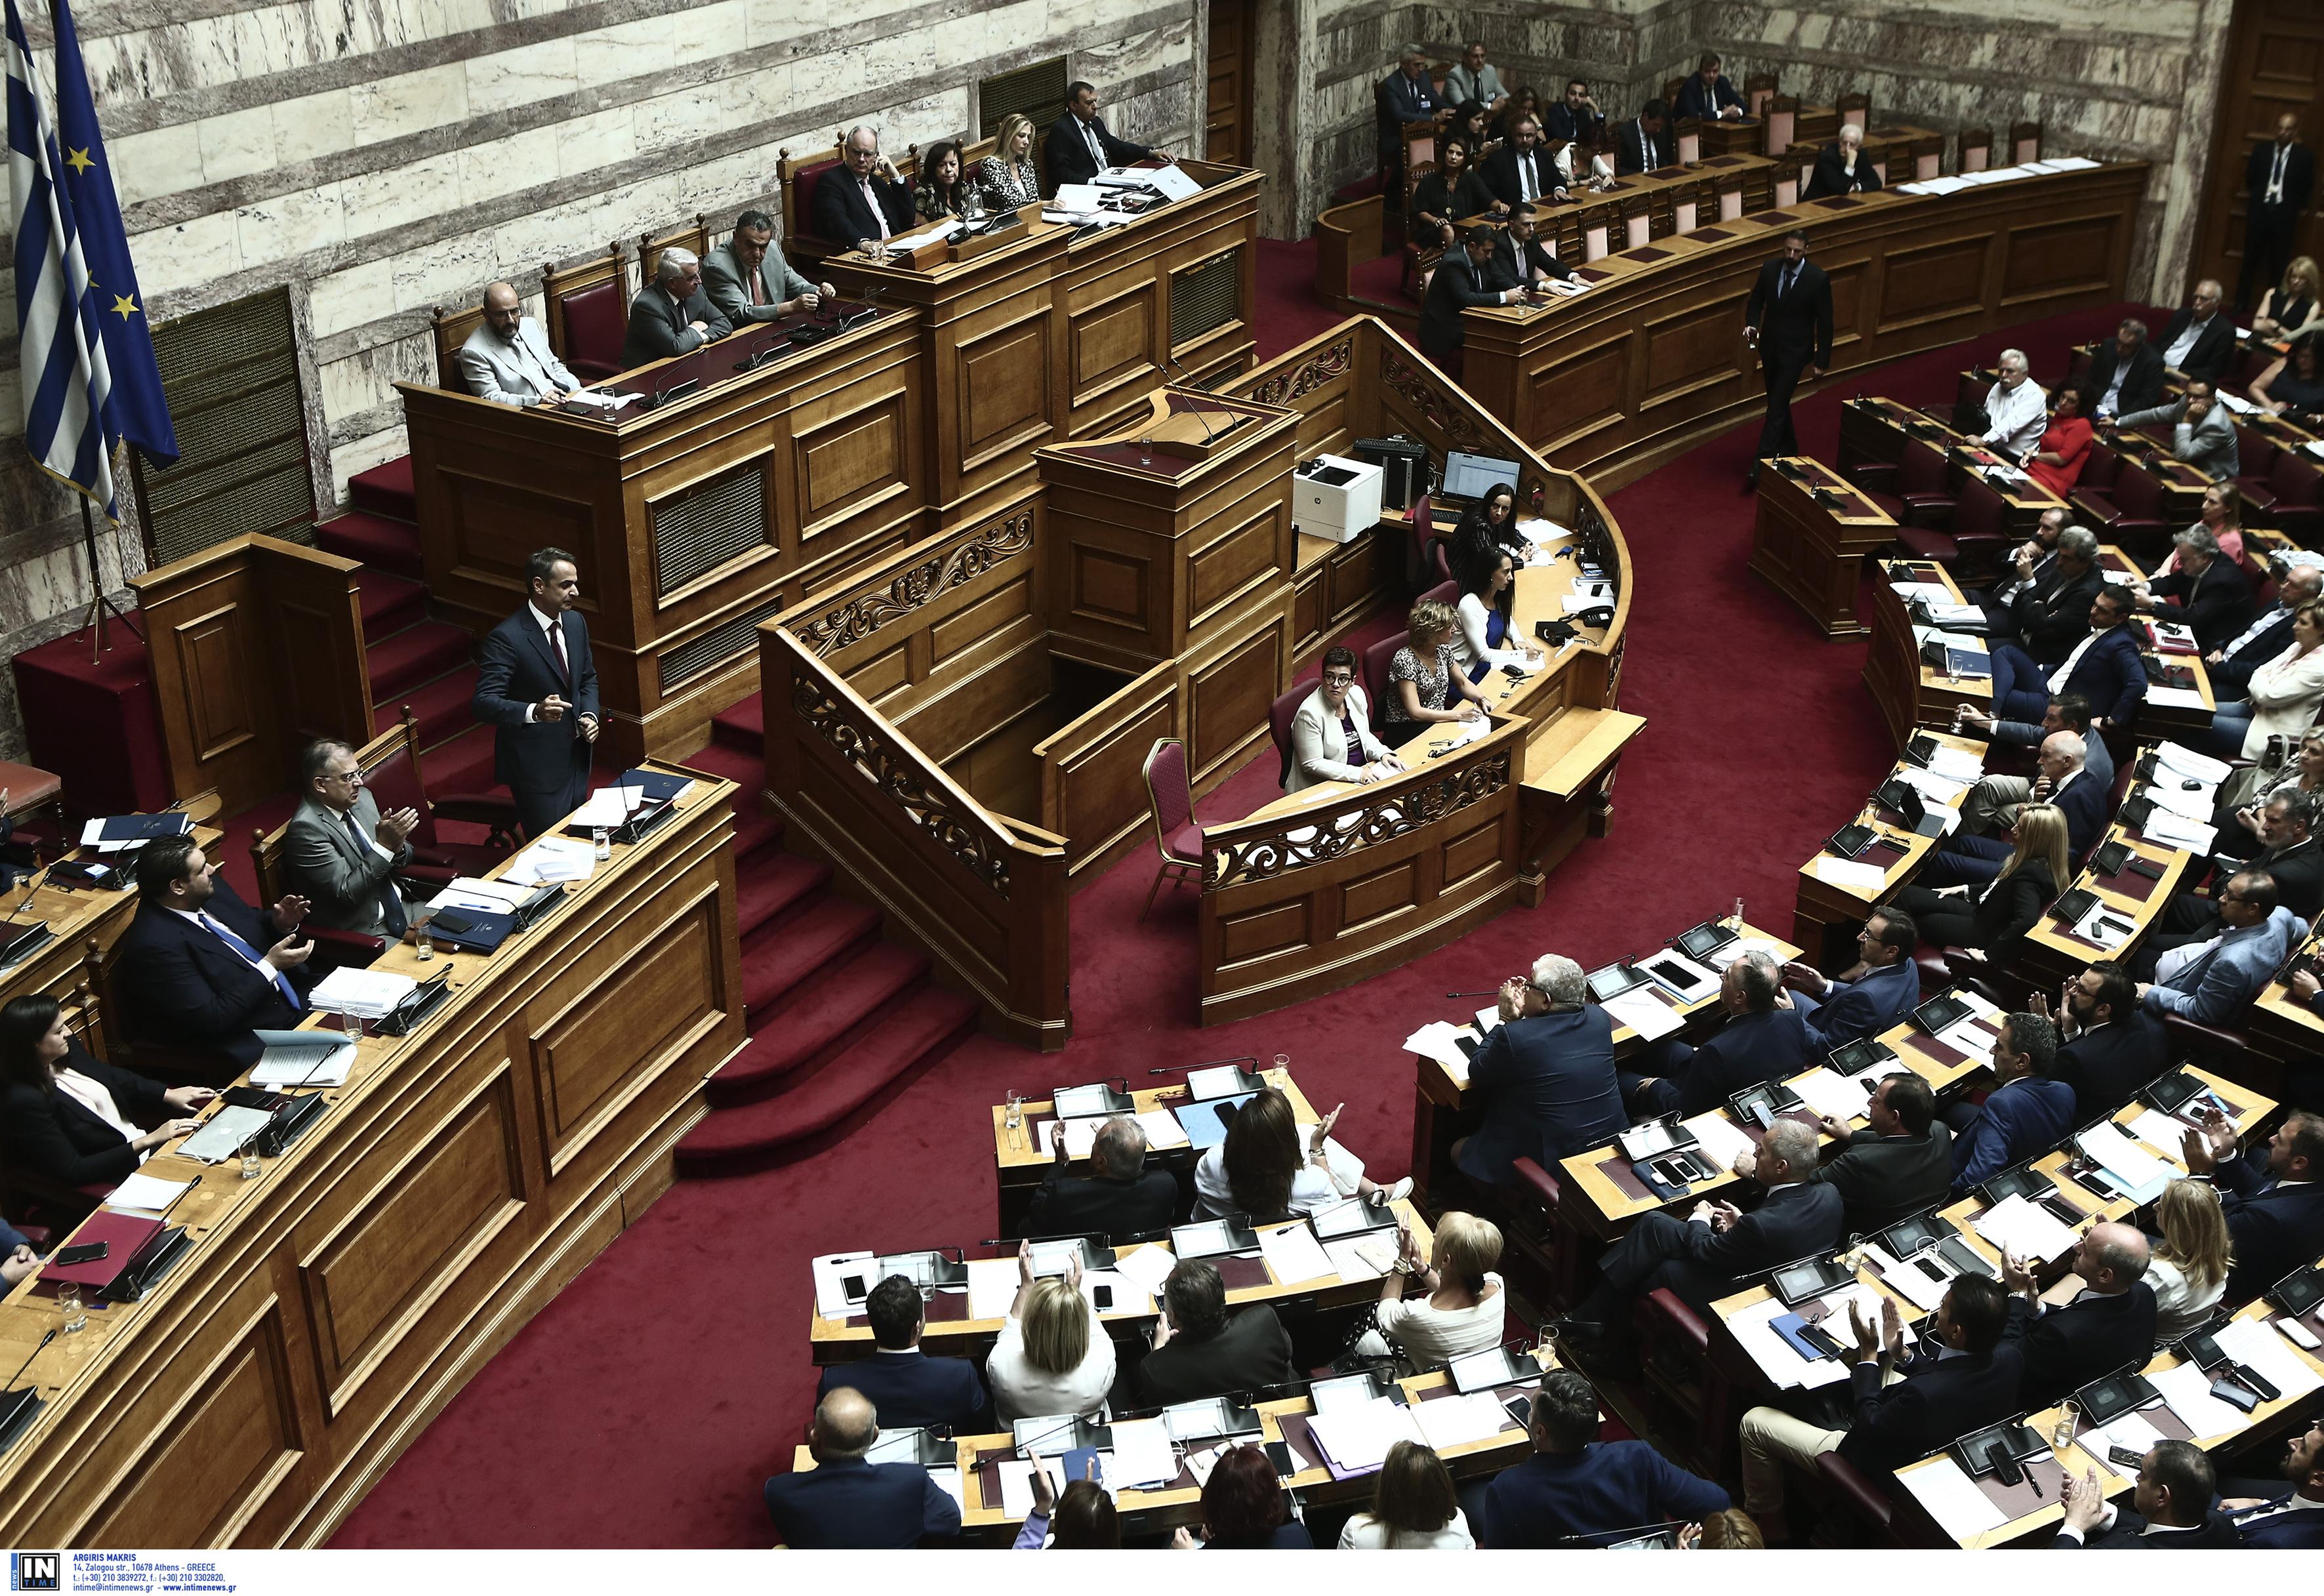 Συνταγματική αναθεώρηση: Την Δευτέρα η ψηφοφορία – Που συμφωνούν και που διαφωνούν τα κόμματα